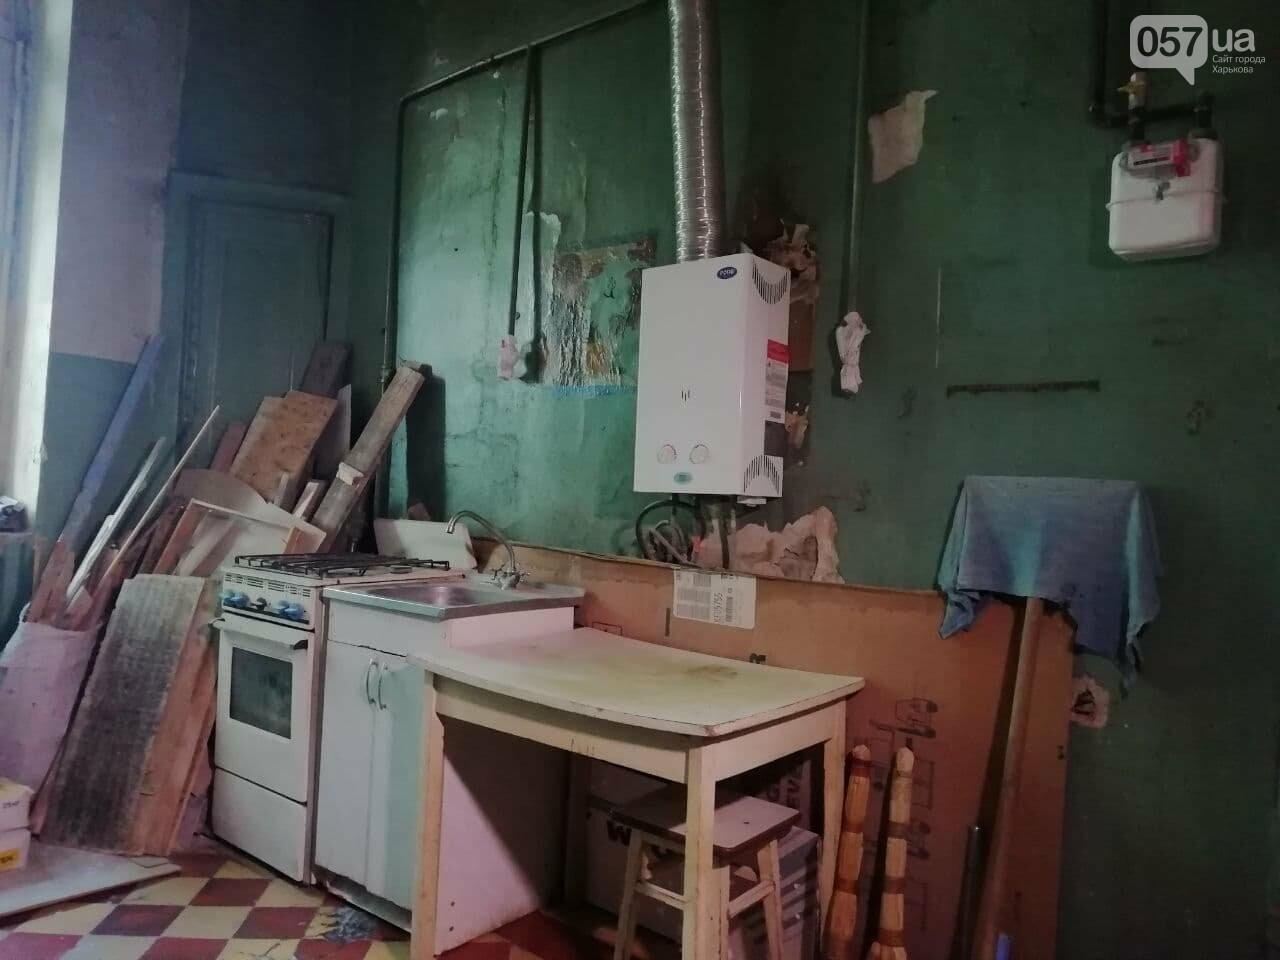 Квартира Шевелева в центра Харькова стала творческой резиденцией, - ФОТО, ВИДЕО, фото-8